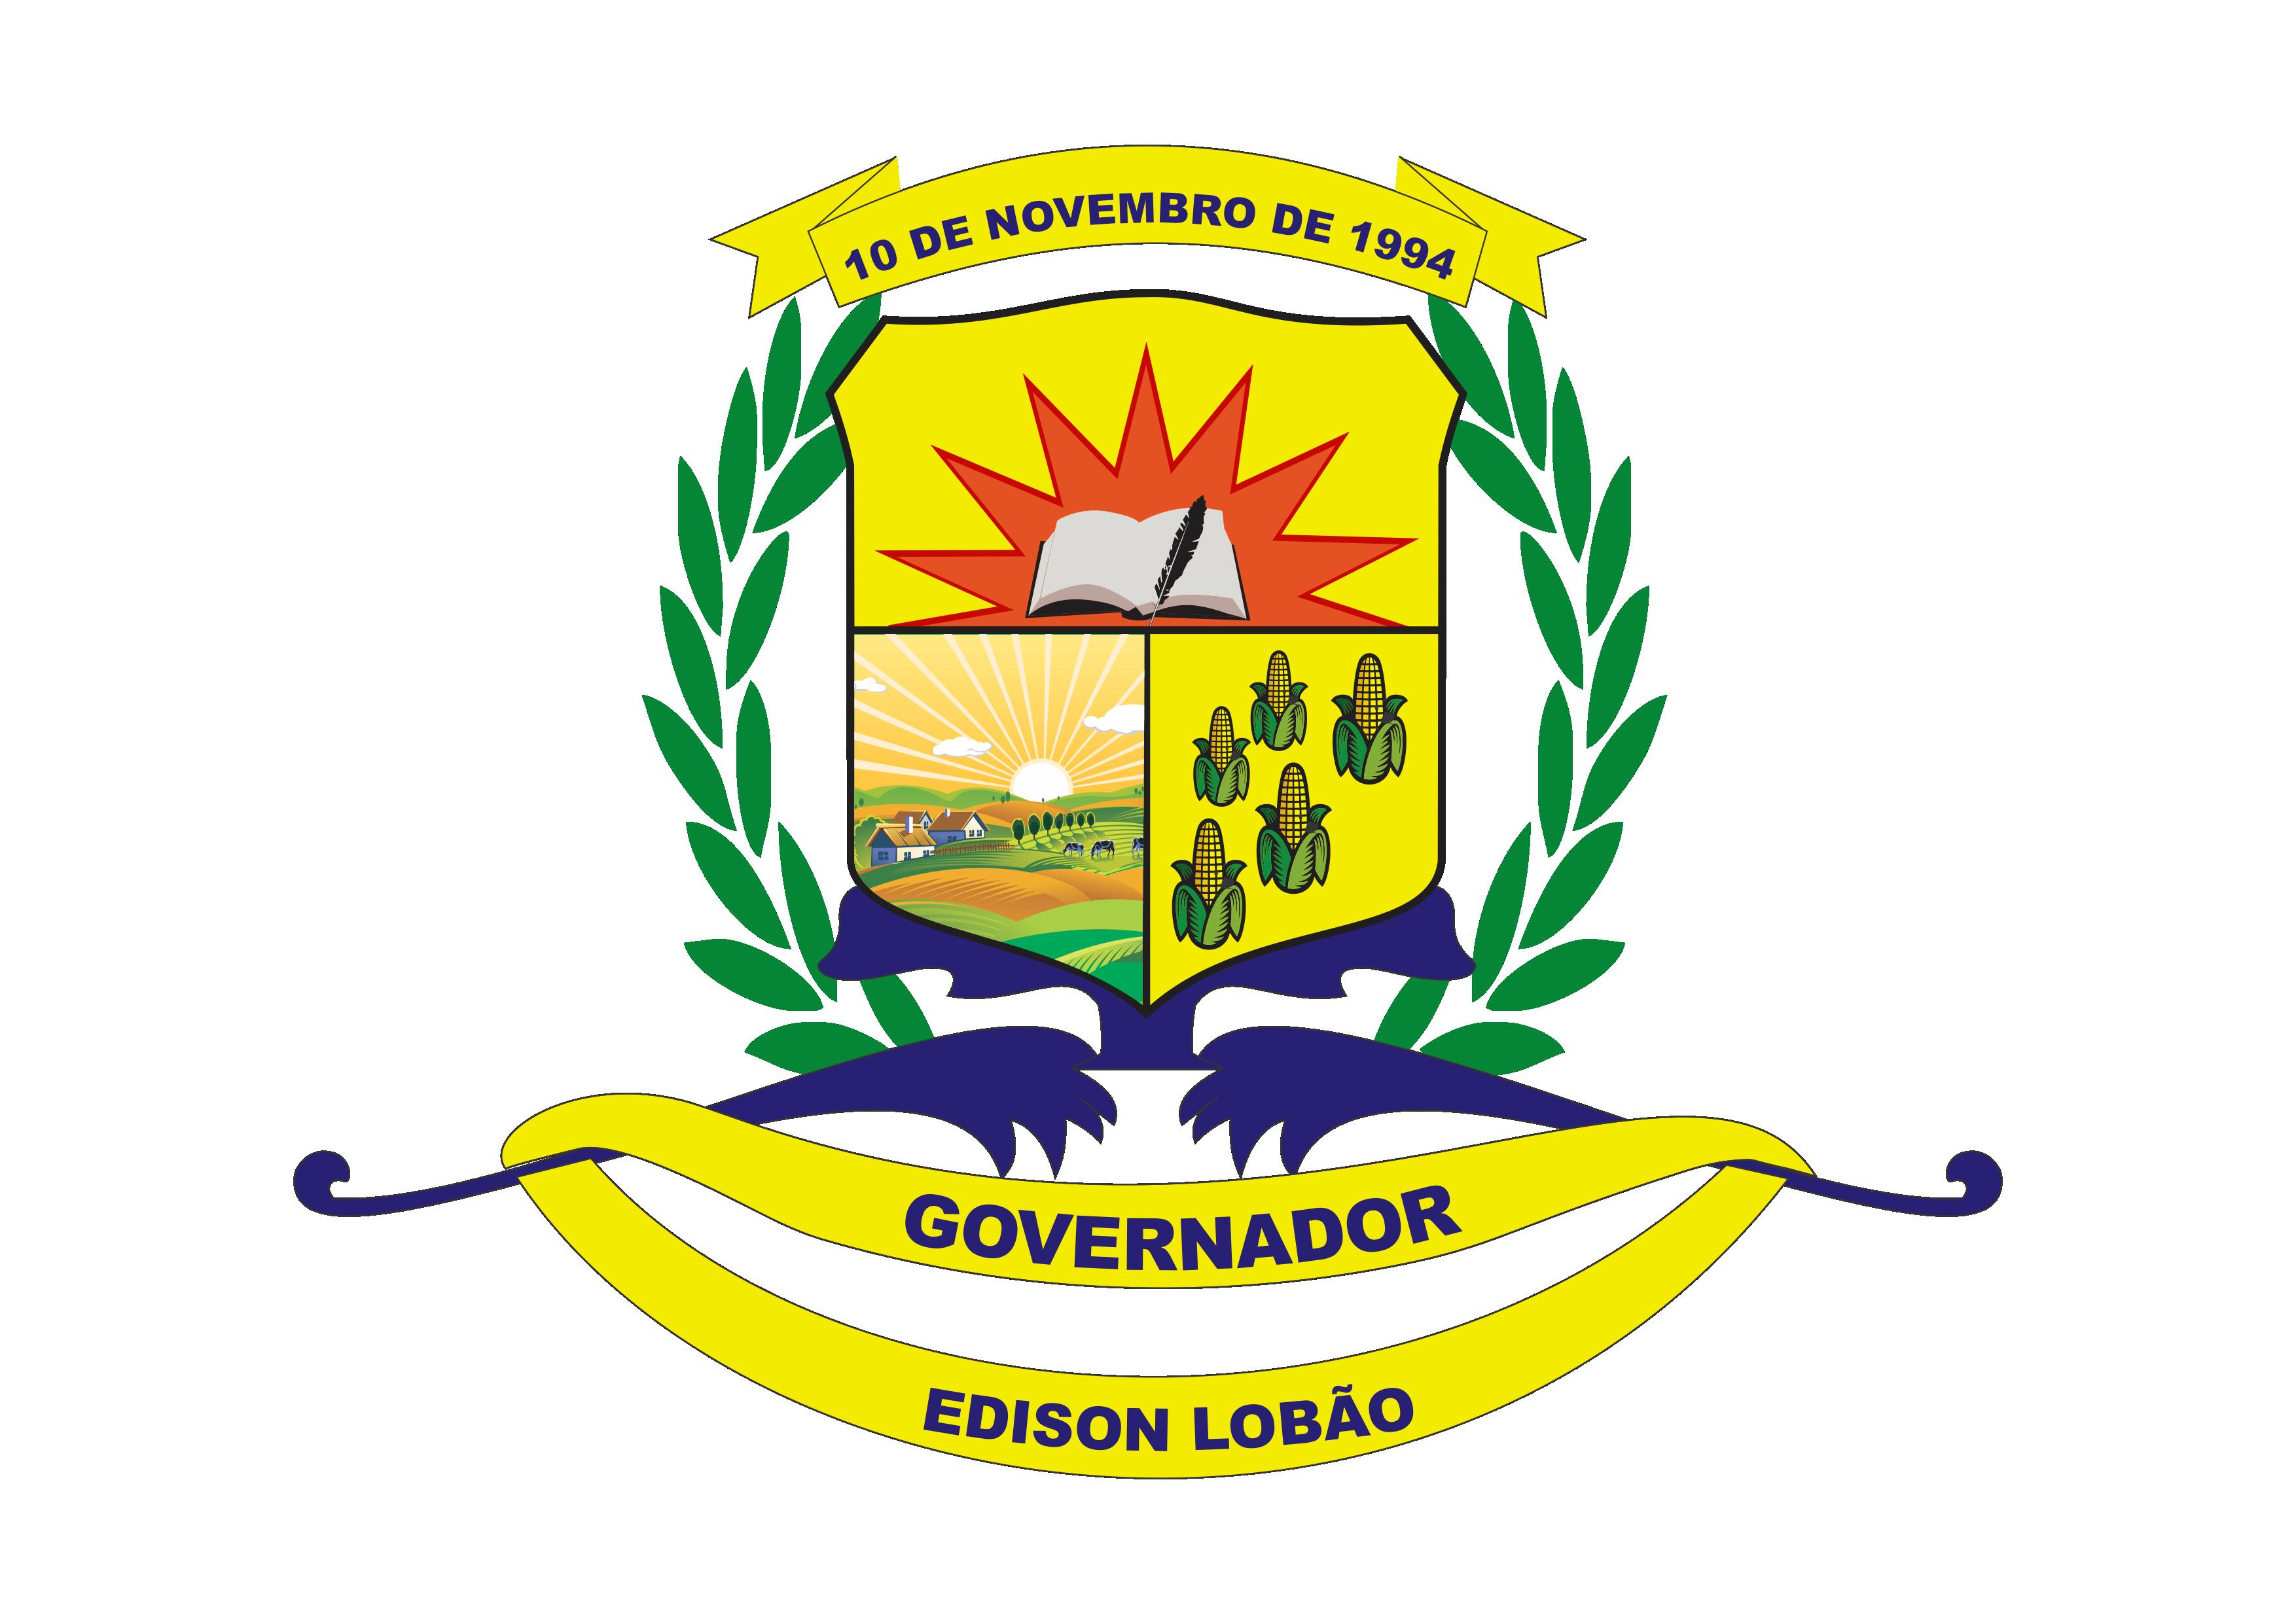 Governador Edison Lobão Maranhão fonte: upload.wikimedia.org